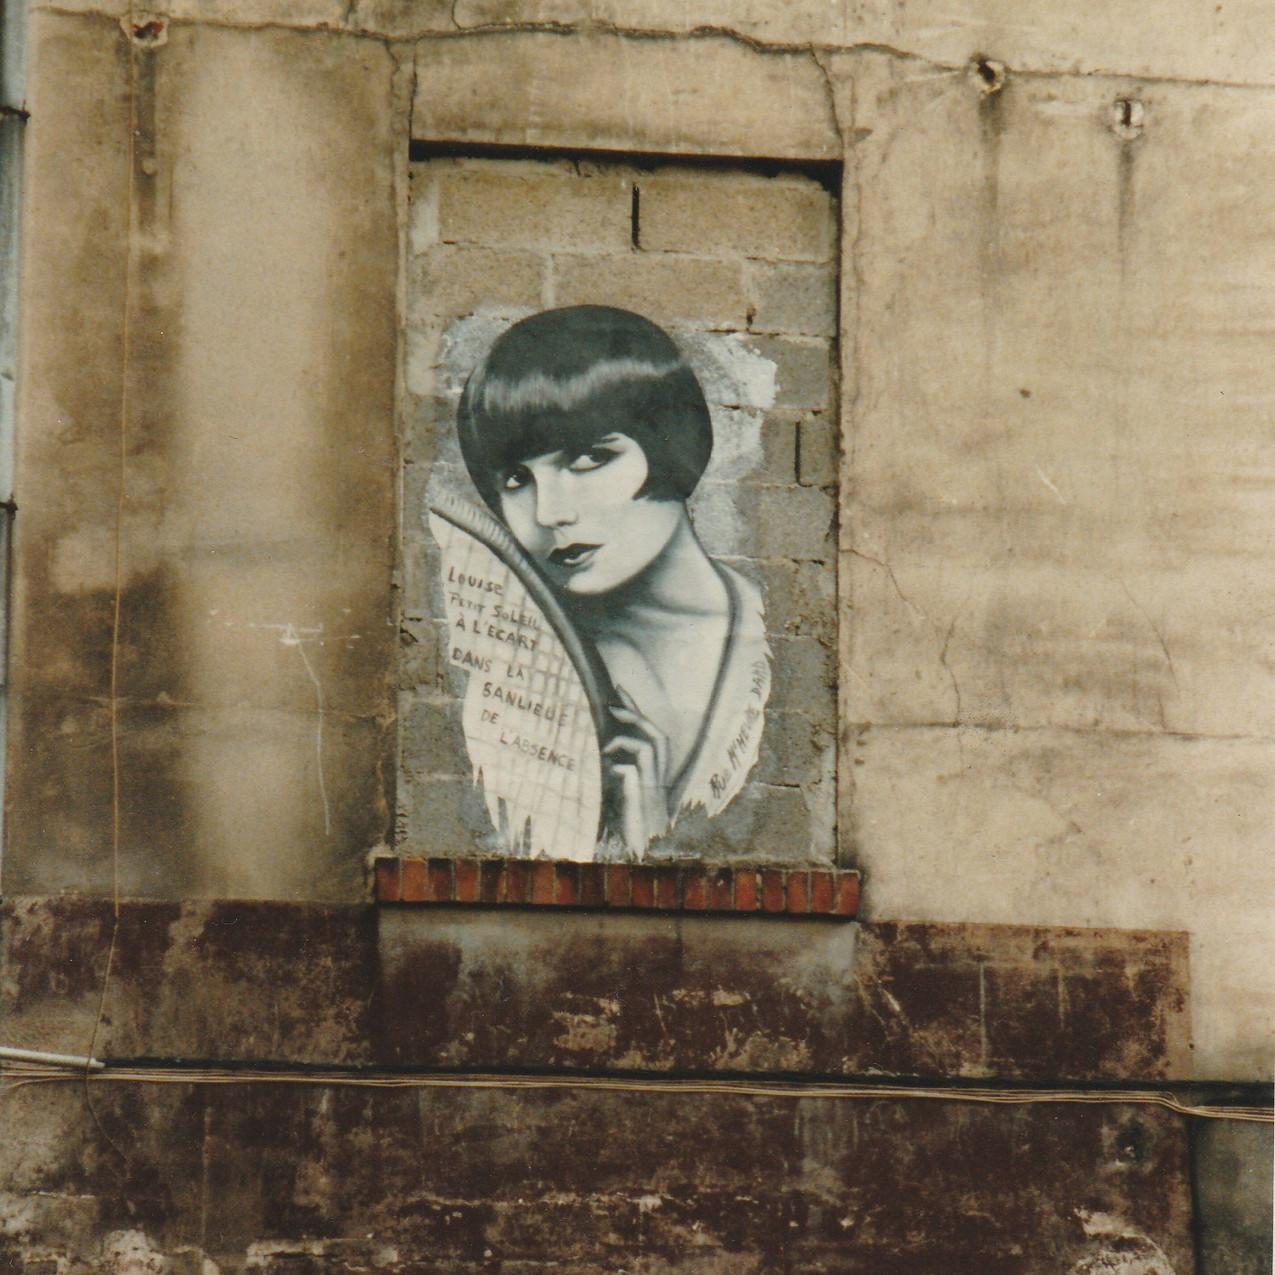 Rue Meurt d'Art